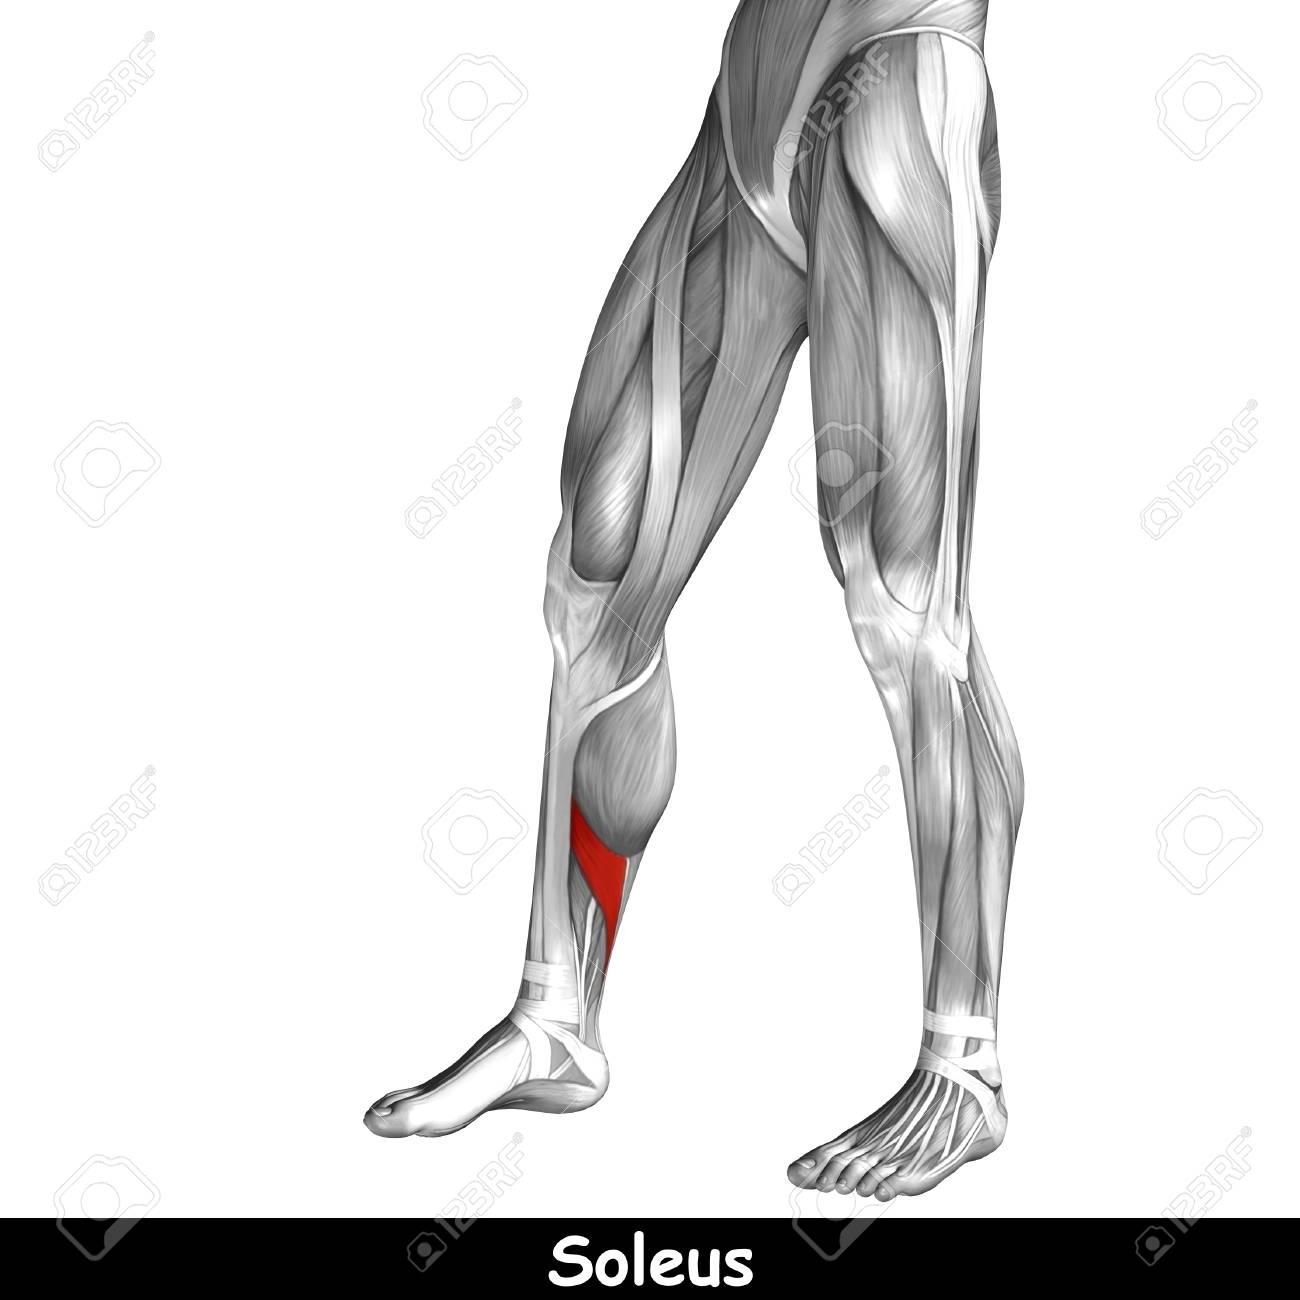 Increíble Anatomía Del Tendón De La Corva Festooning - Imágenes de ...